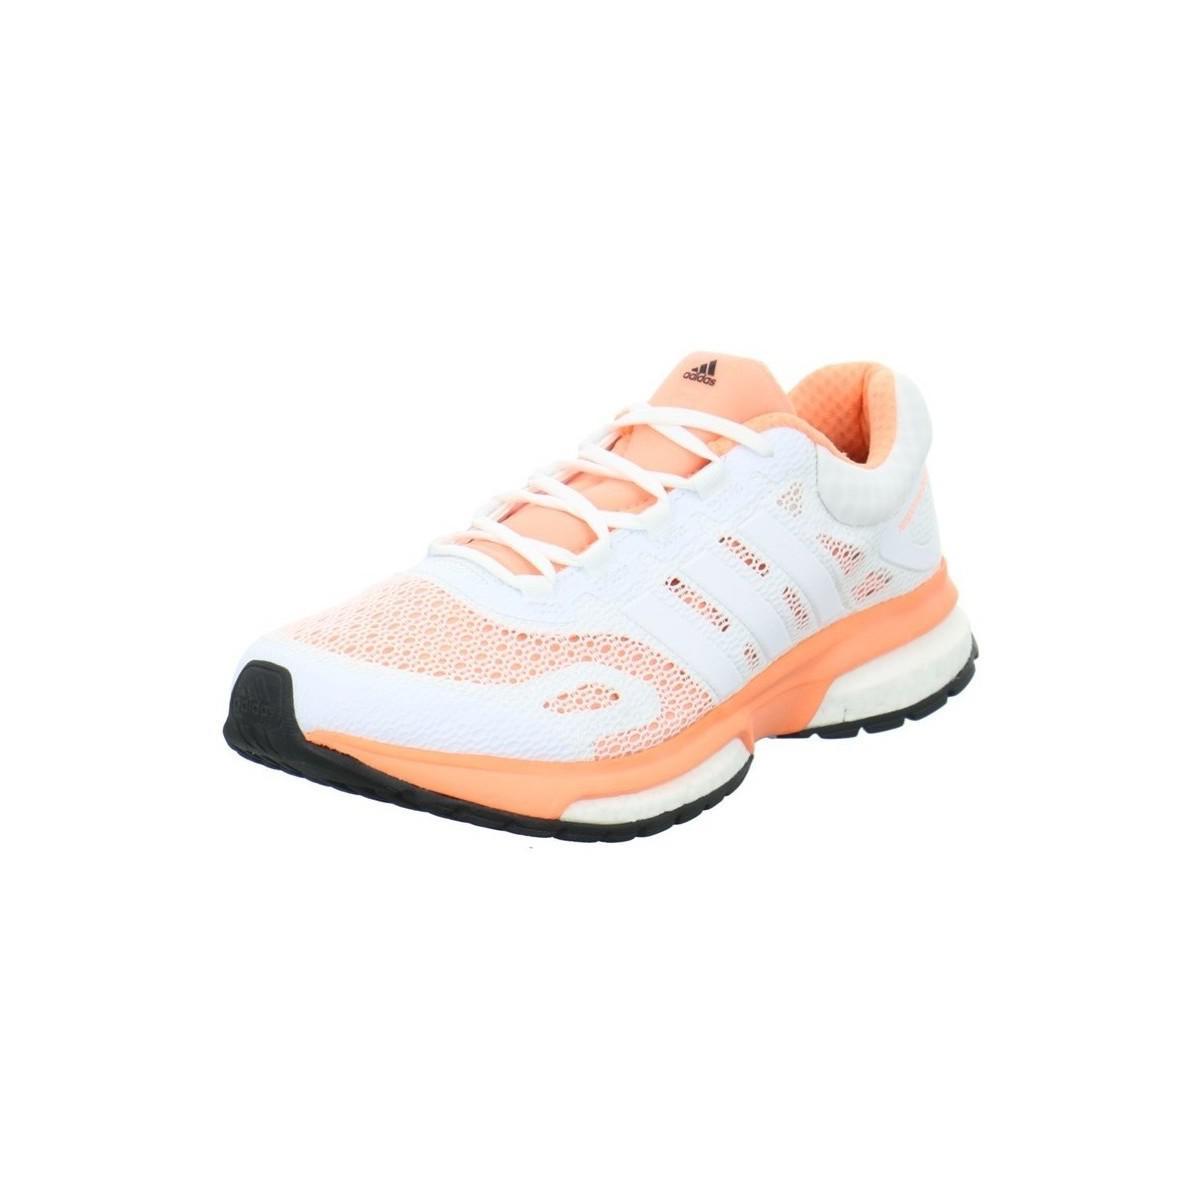 Adidas risposta impulso w scarpe da donna (formatori) in bianco in bianco.